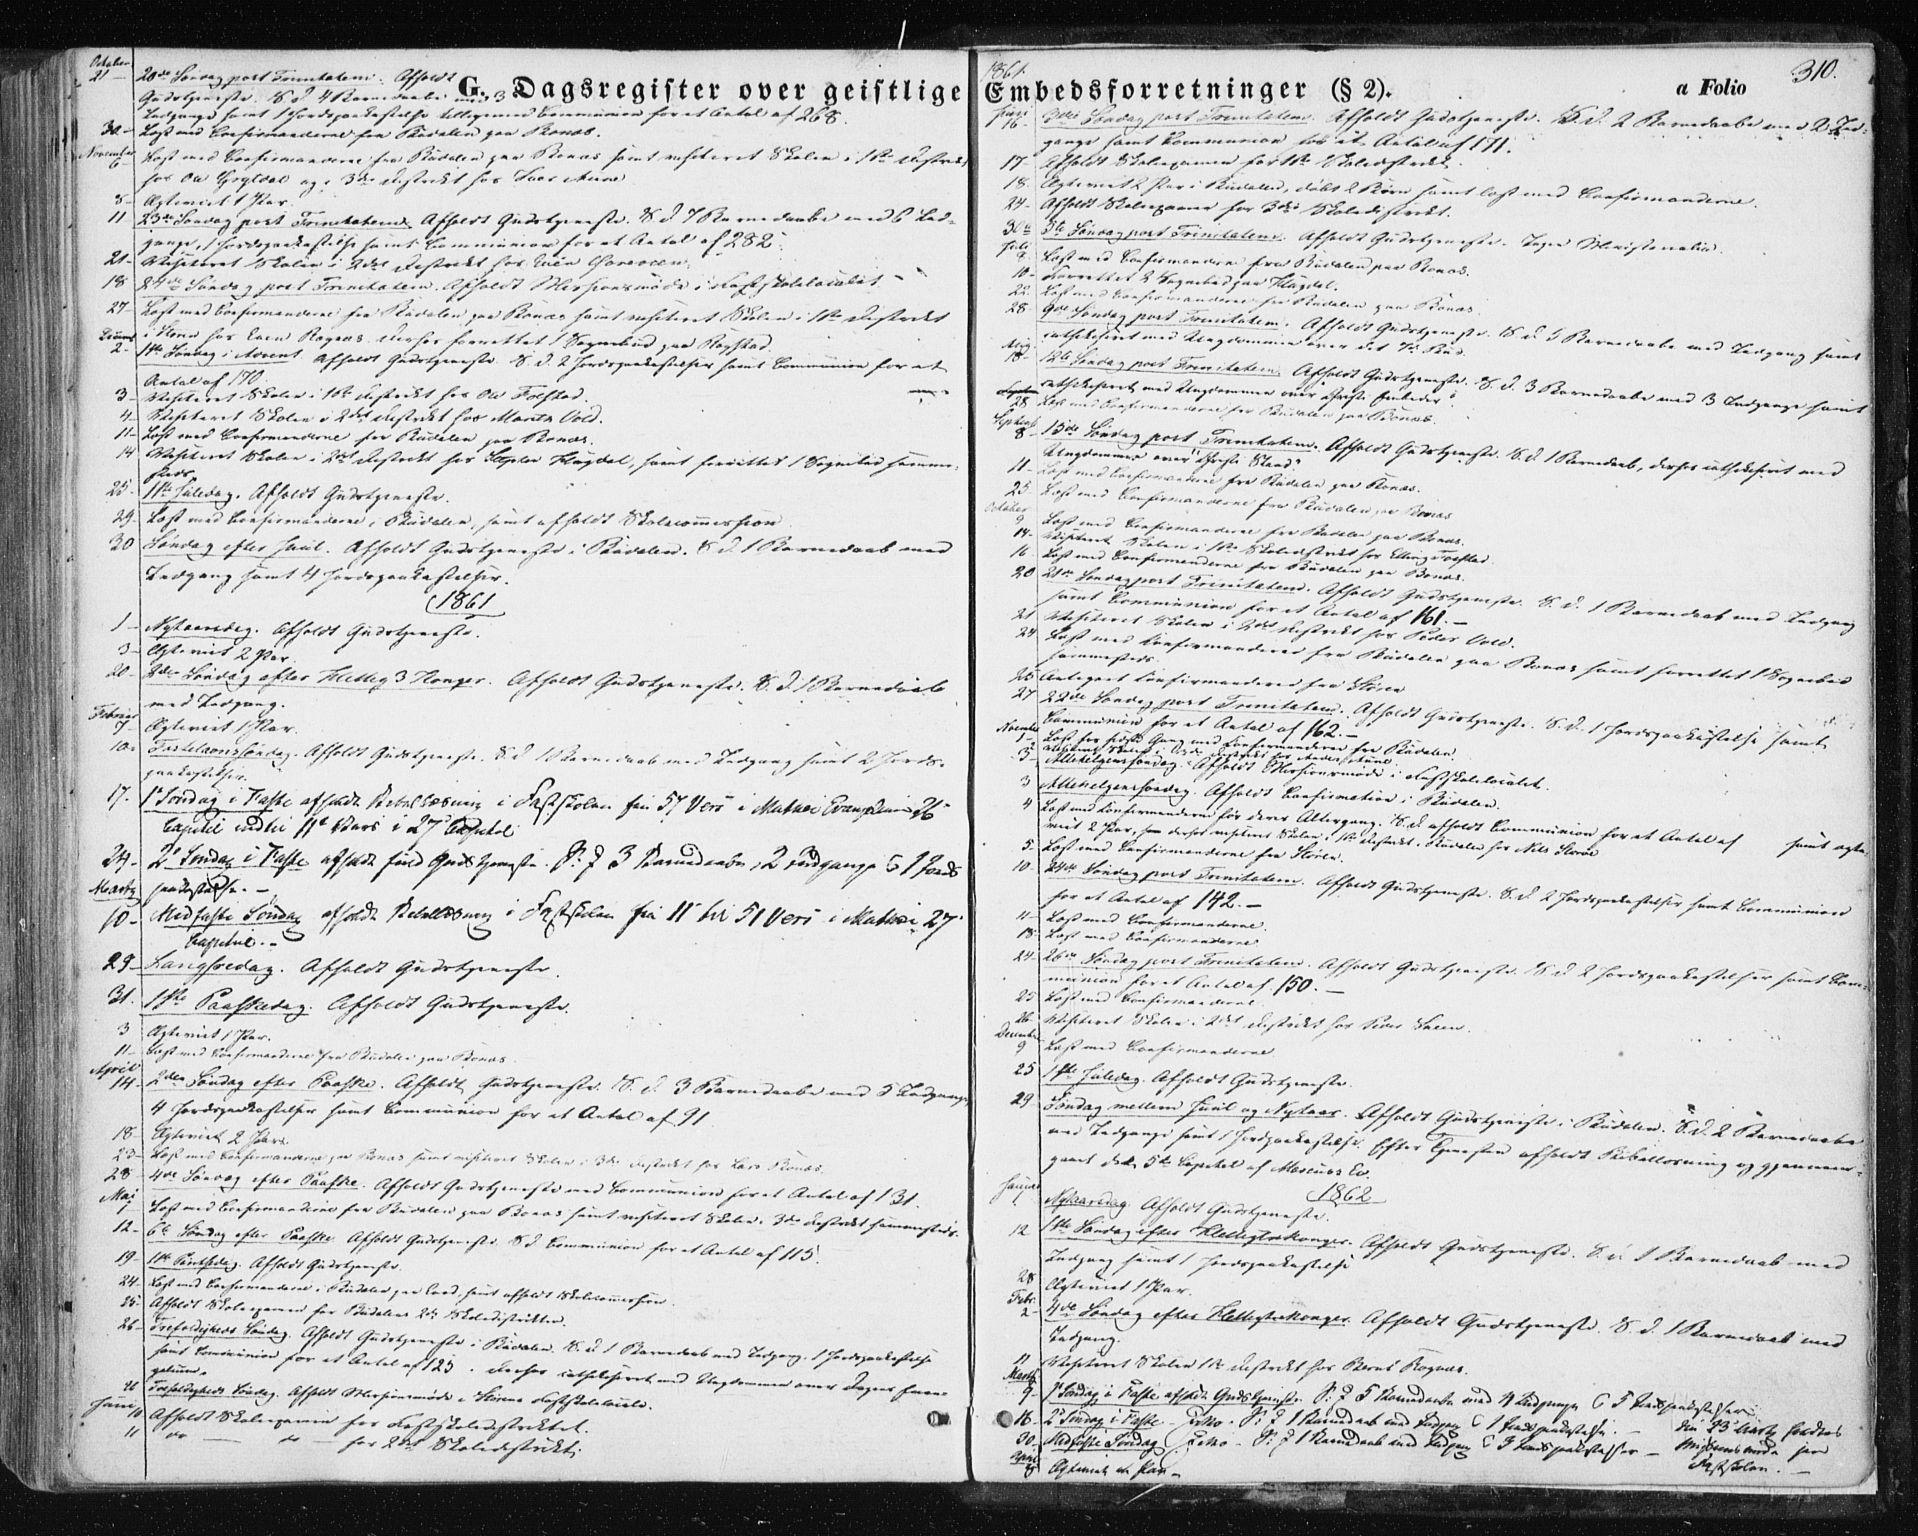 SAT, Ministerialprotokoller, klokkerbøker og fødselsregistre - Sør-Trøndelag, 687/L1000: Ministerialbok nr. 687A06, 1848-1869, s. 310